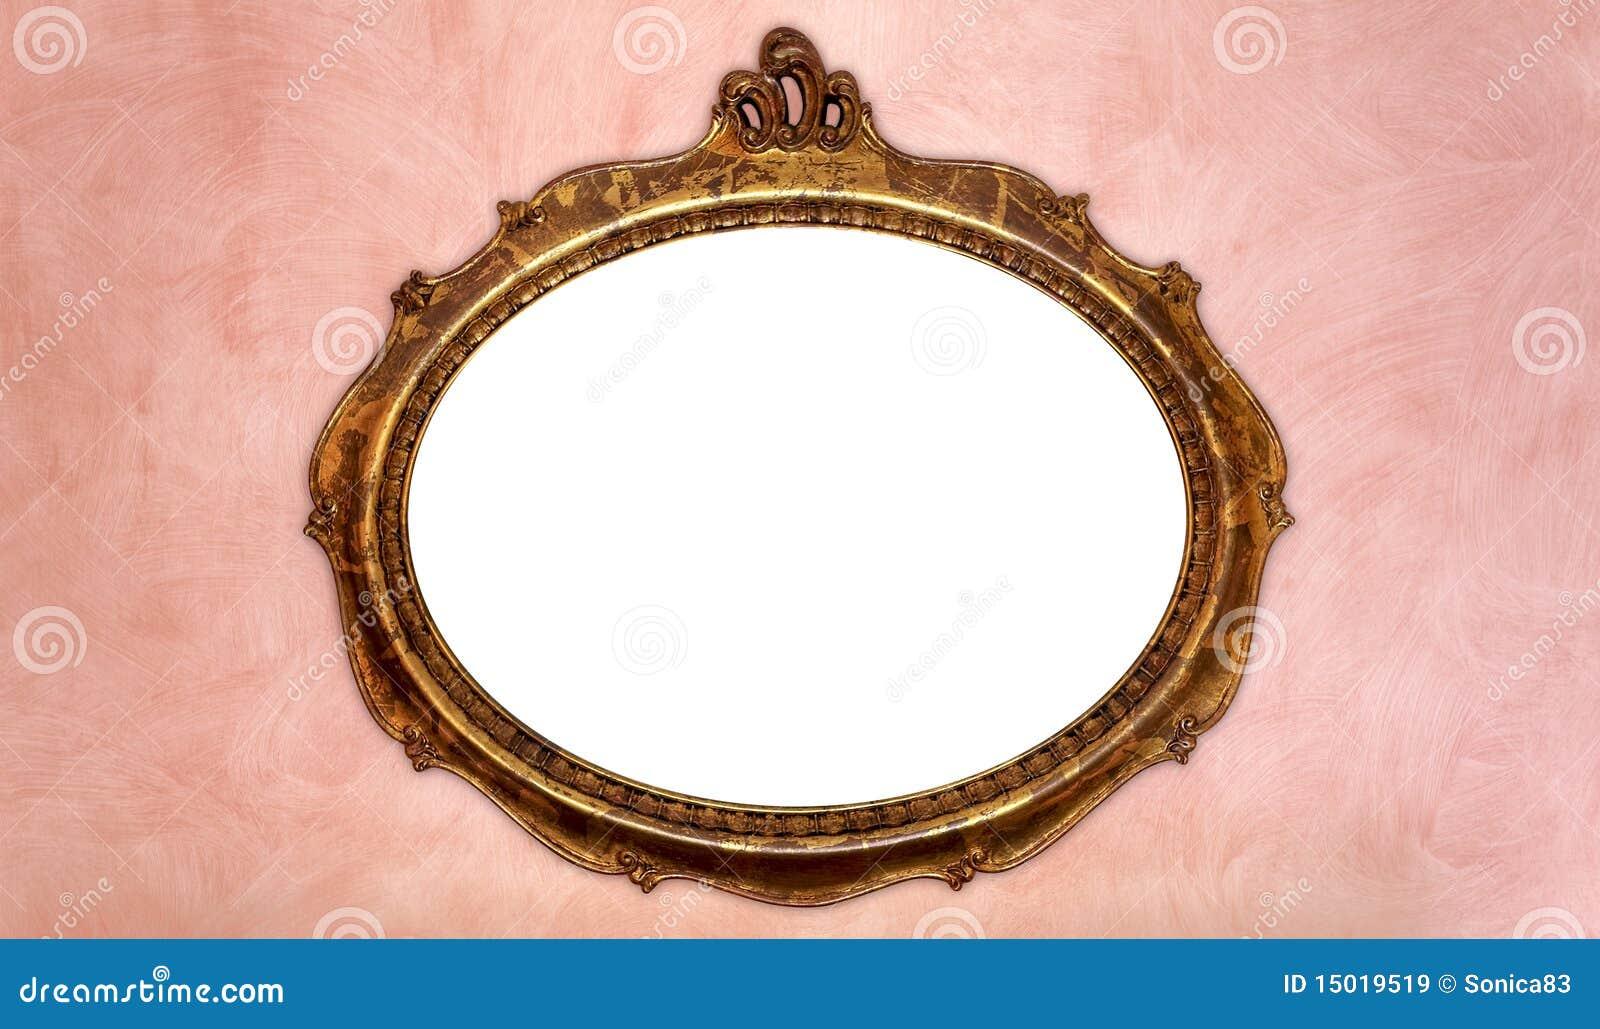 Frame de retrato antigo